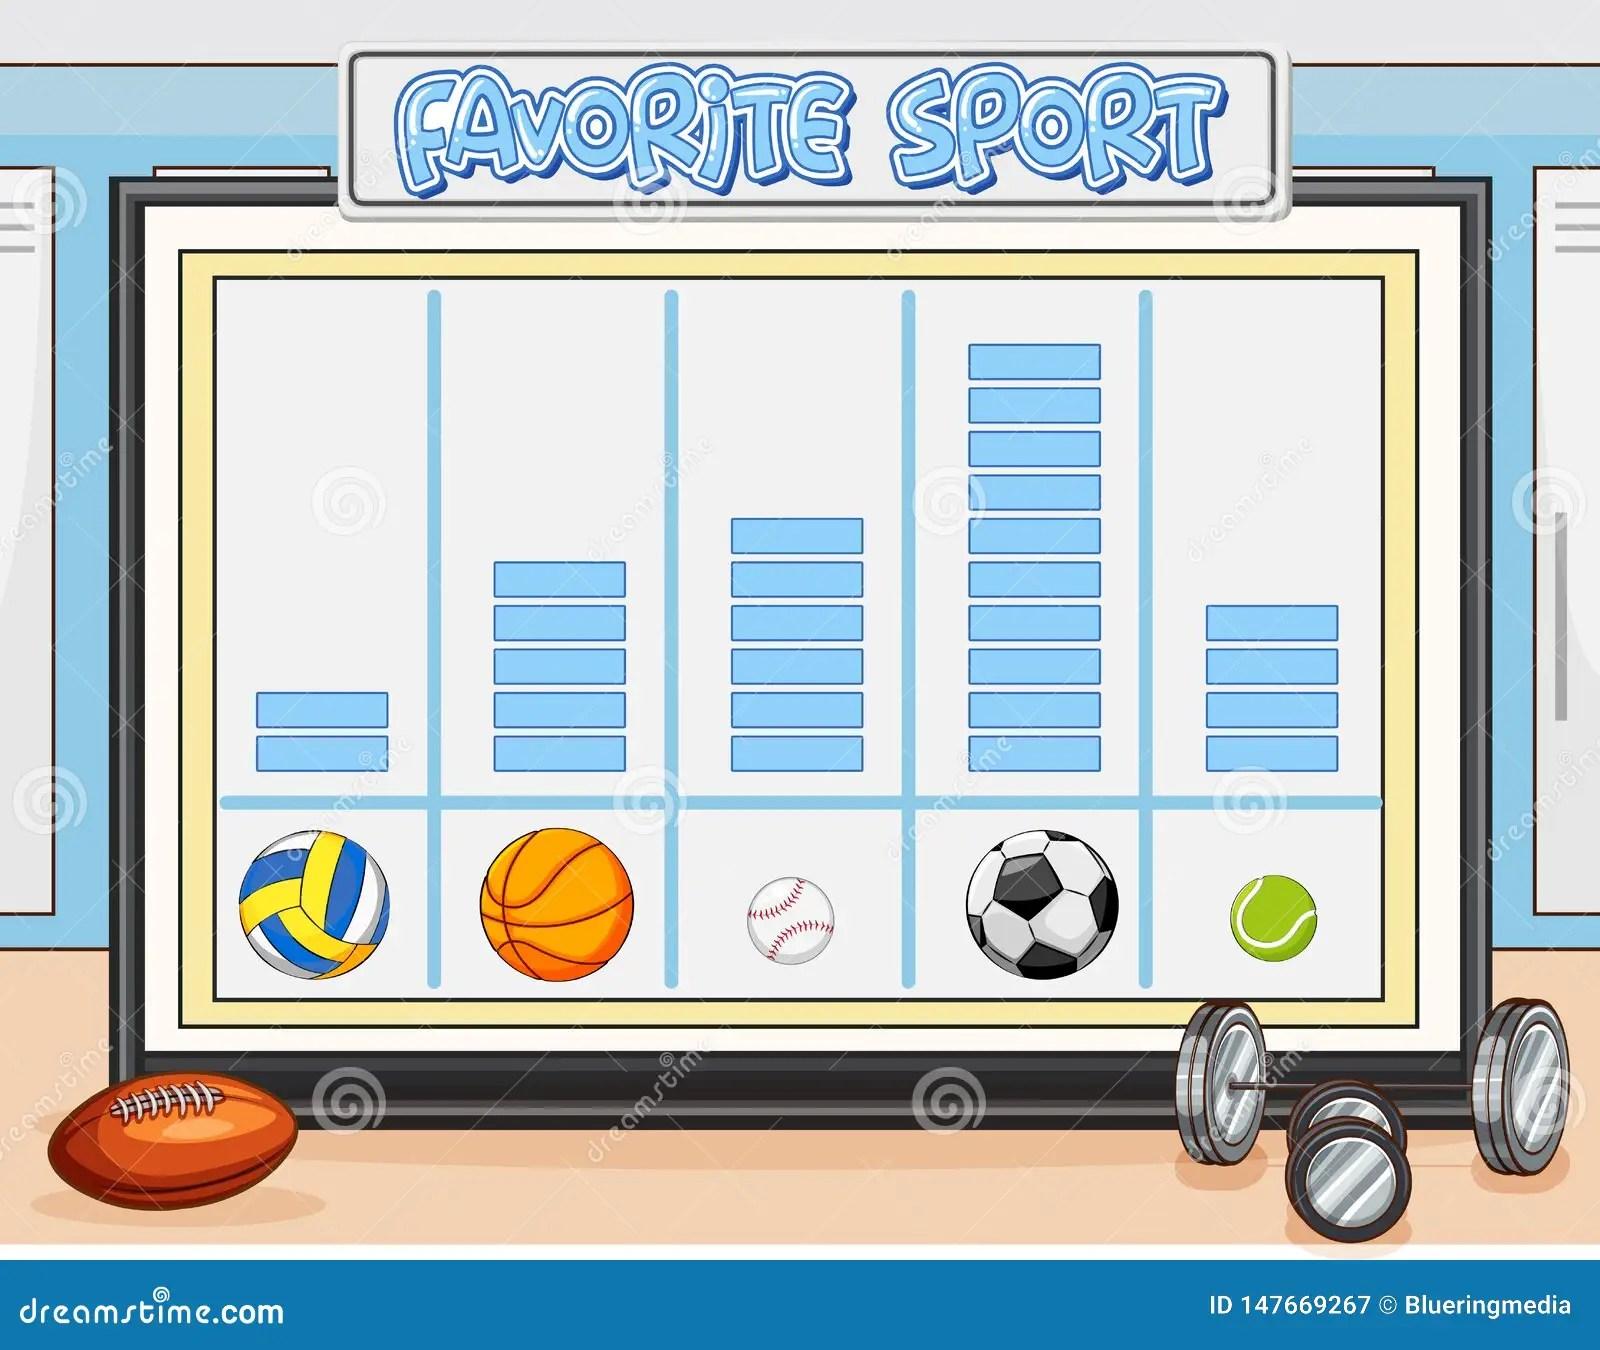 Count Favorite Sport Worksheet Stock Vector